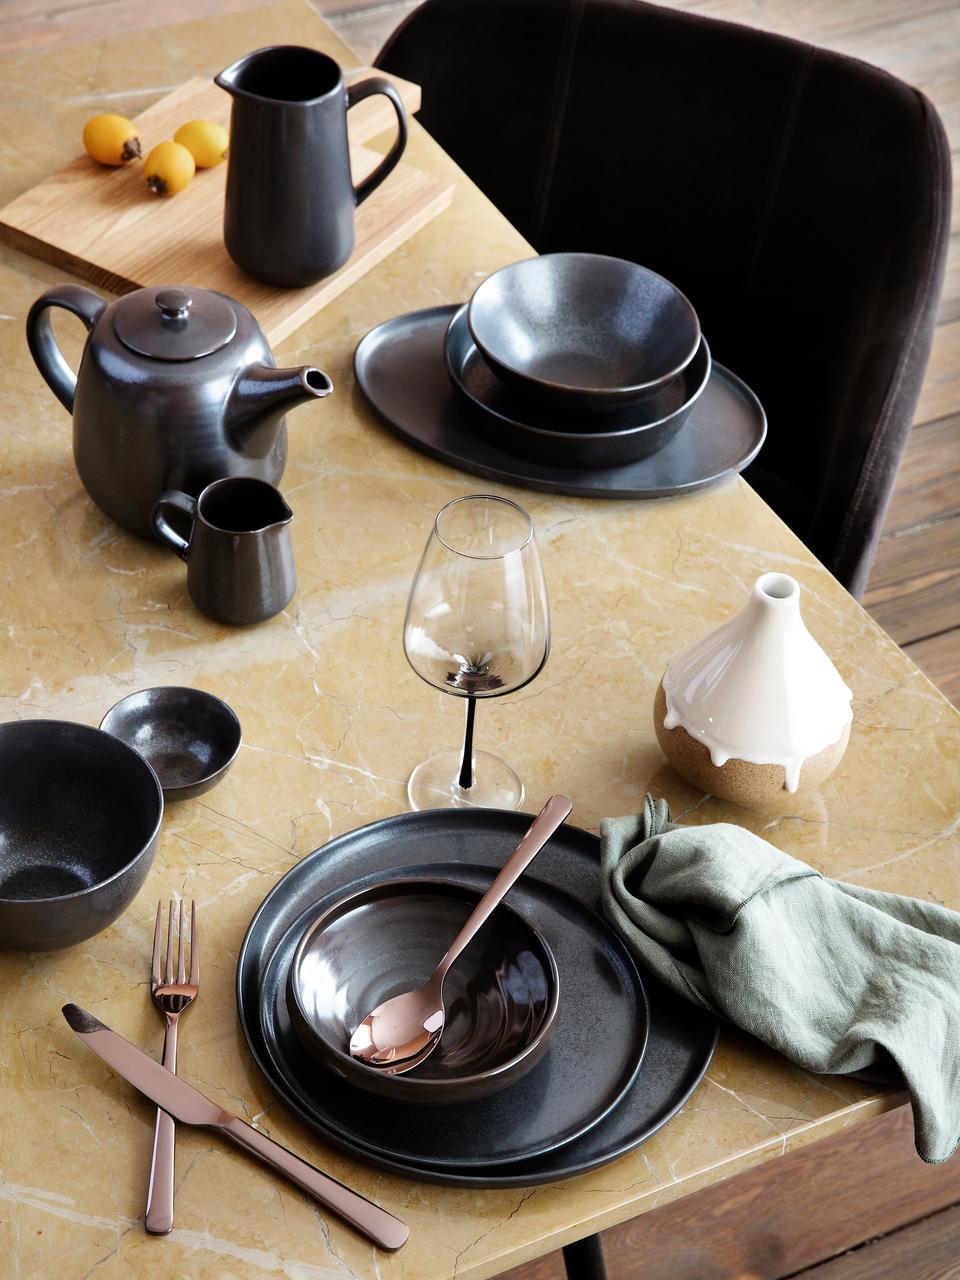 Piatto piano fatto a mano Esrum Night 4 pz, Terracotta smaltata, Marrone grigiastro lucido argenteo opaco, Ø 28 cm